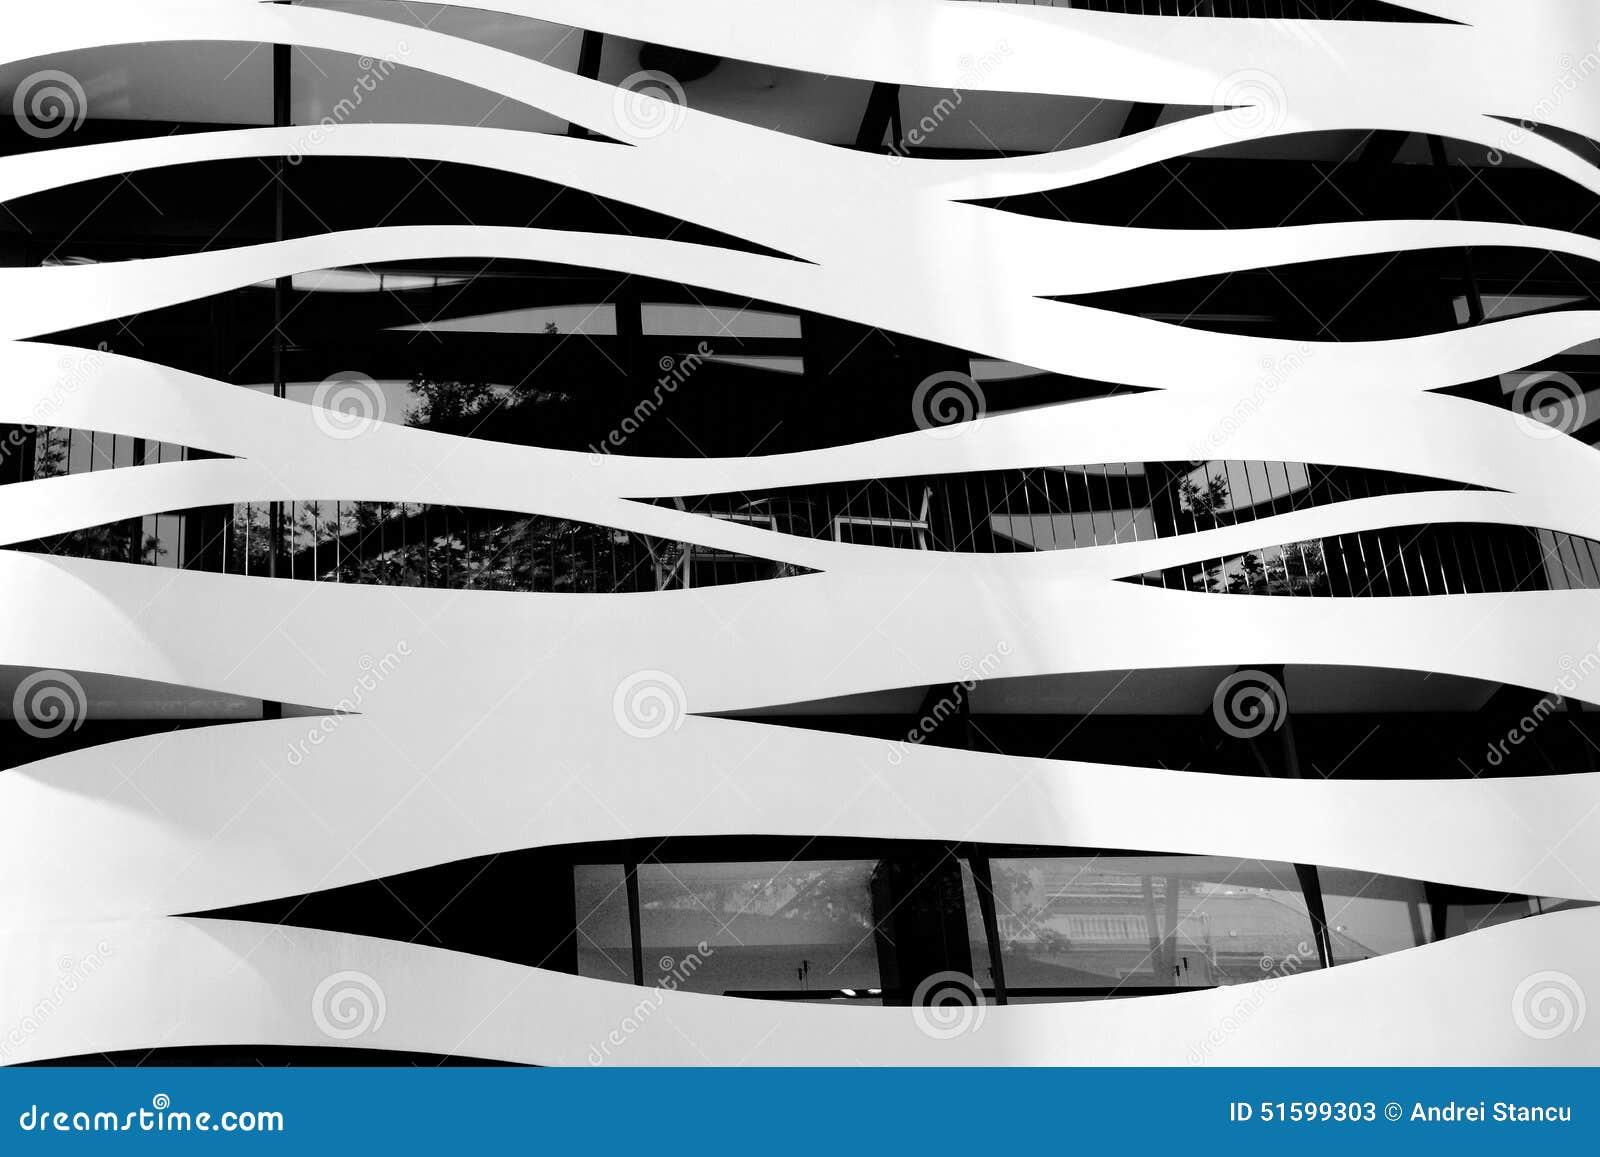 Architettura moderna fotografia stock immagine 51599303 for Architettura moderna barcellona